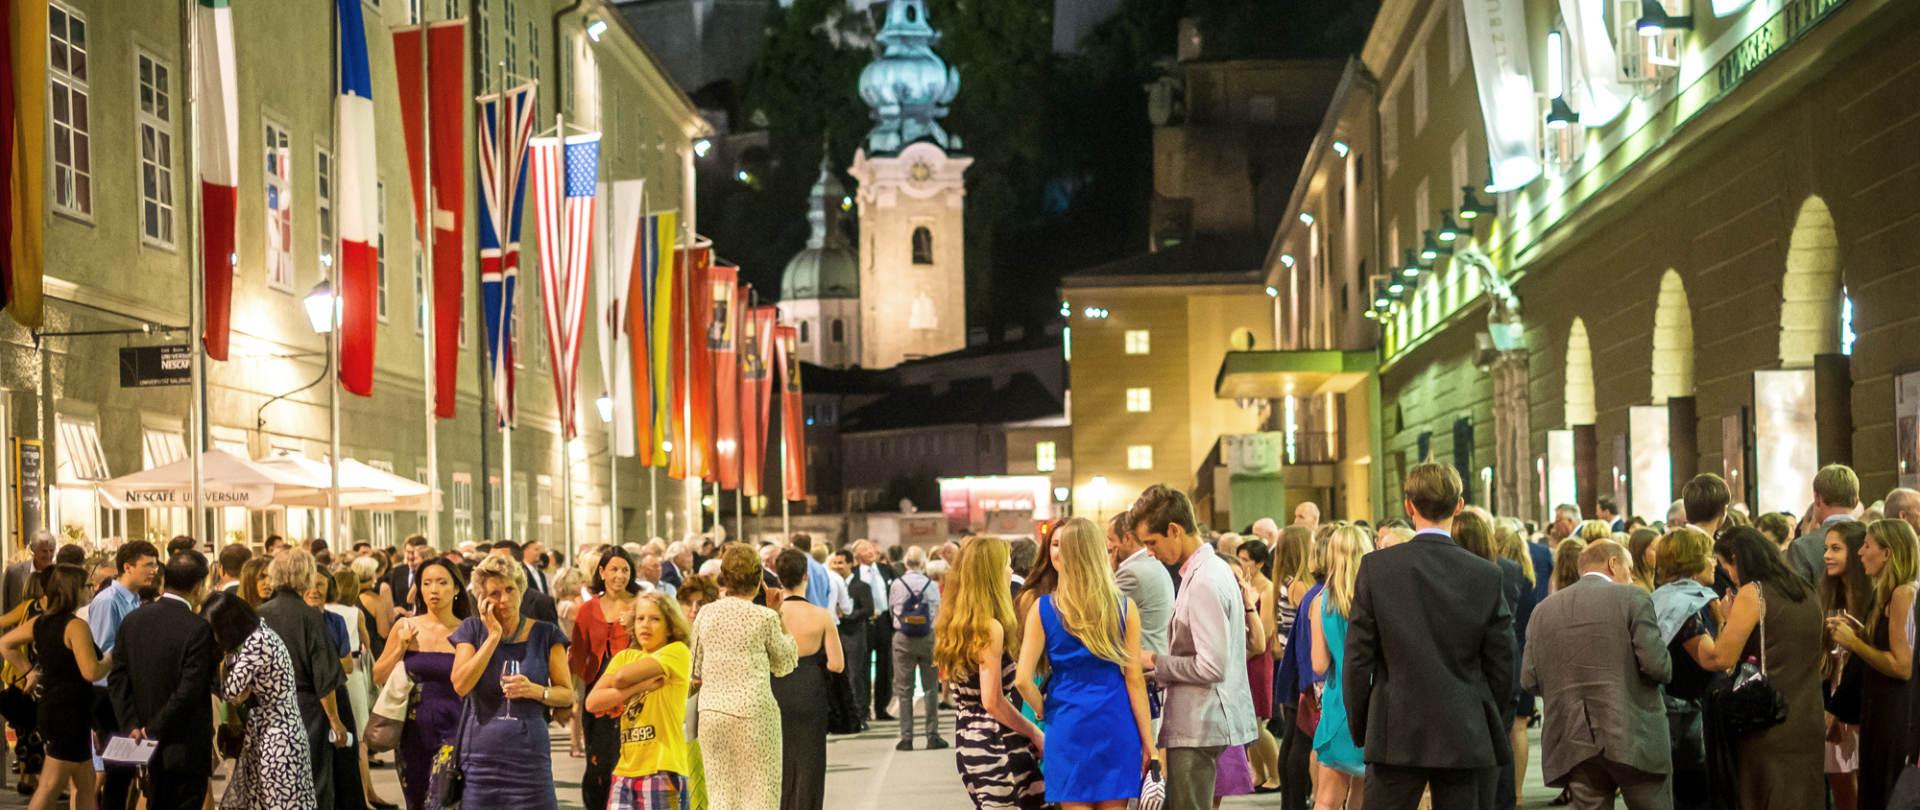 Festspiele salzburg 2020